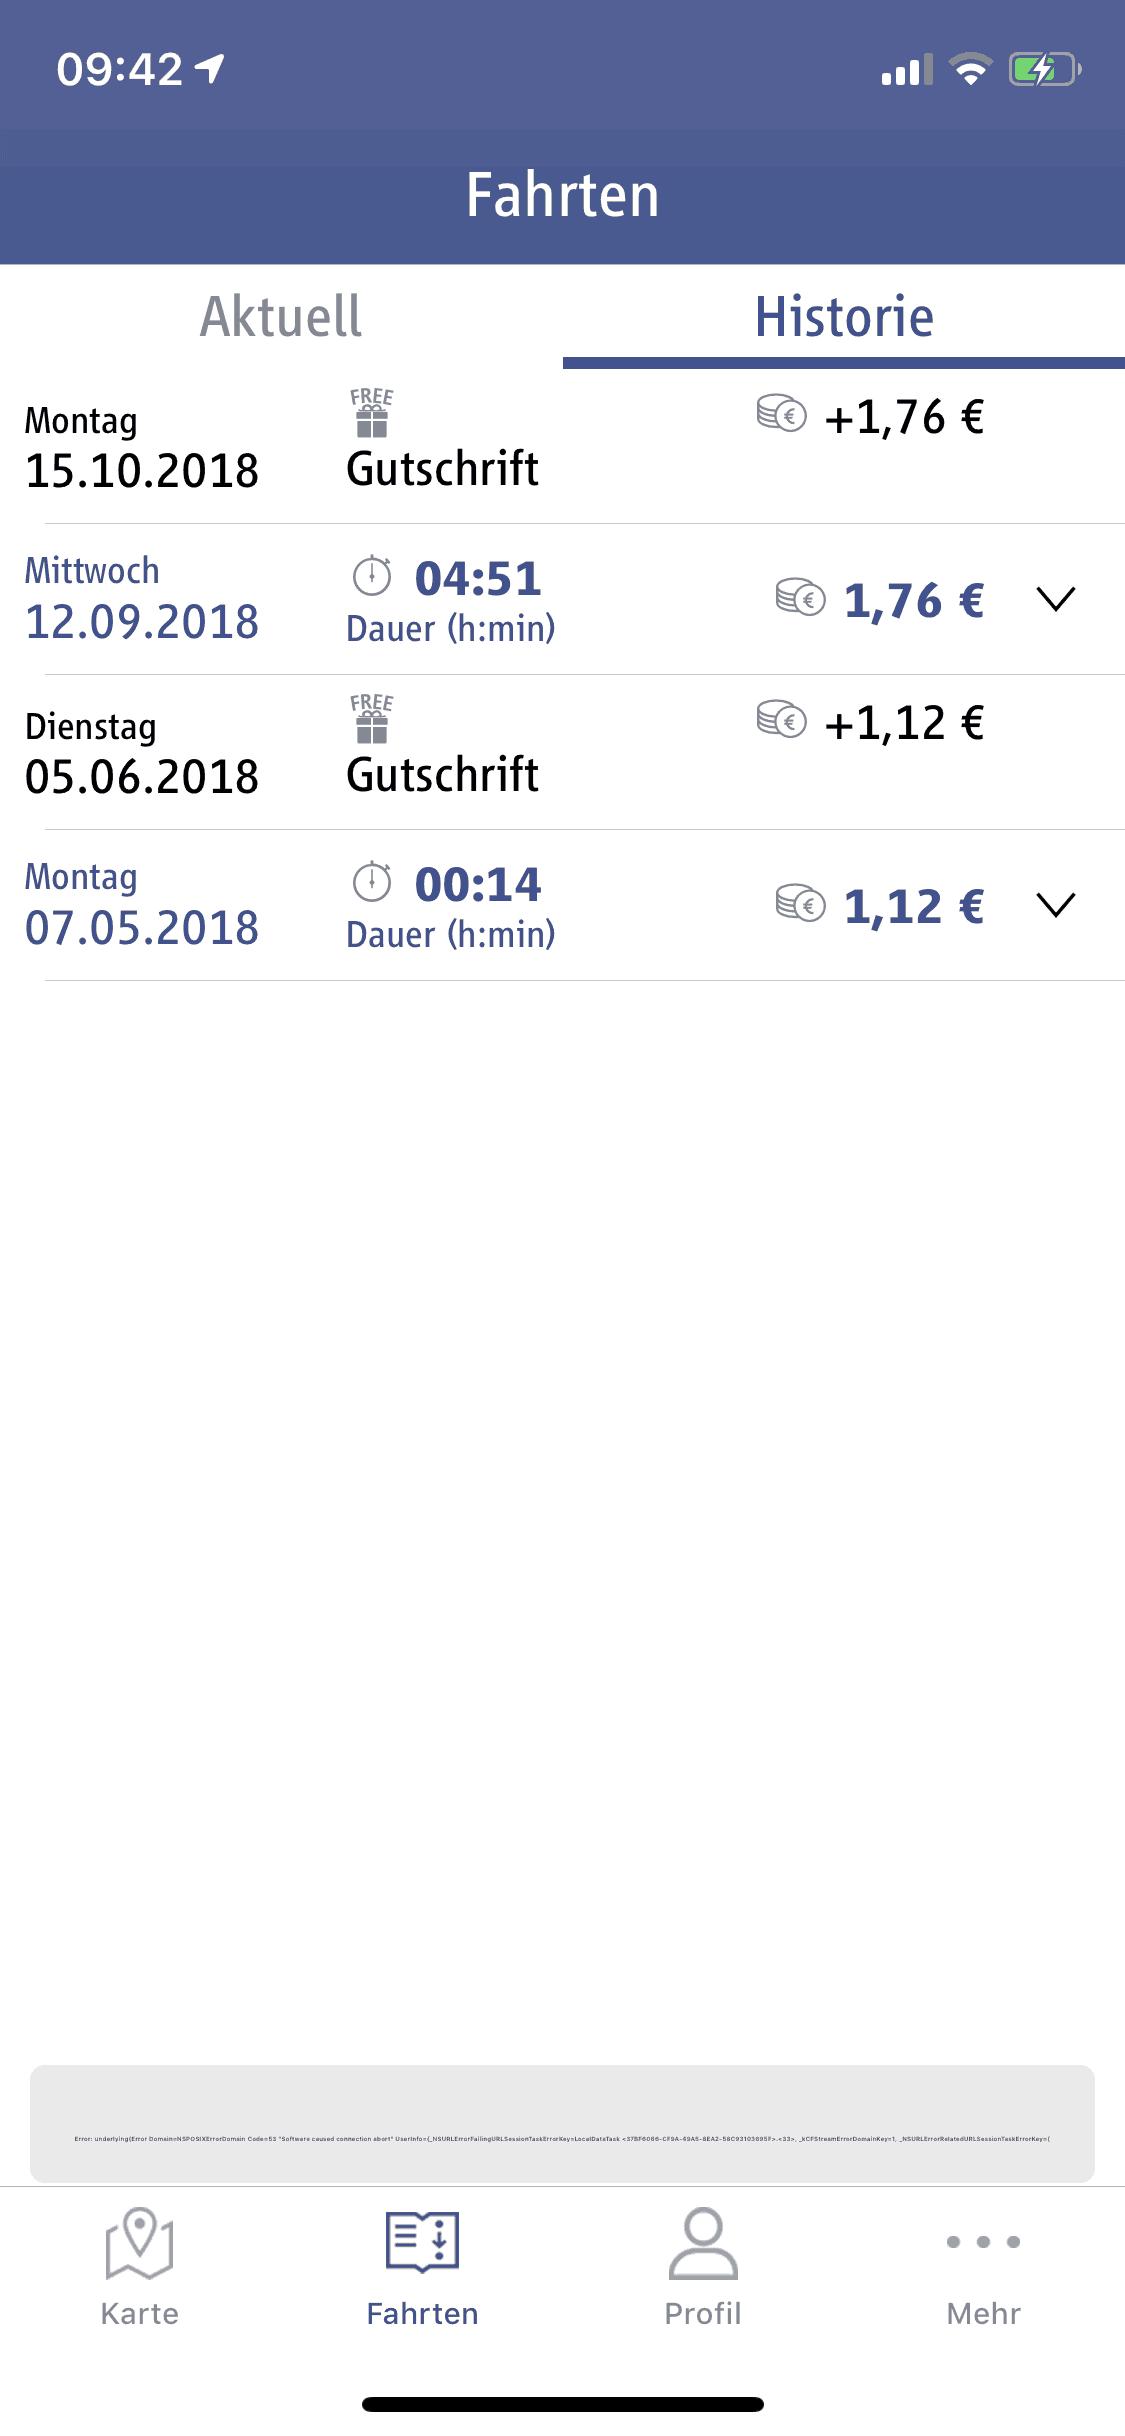 München_MVG_more_Fahrten